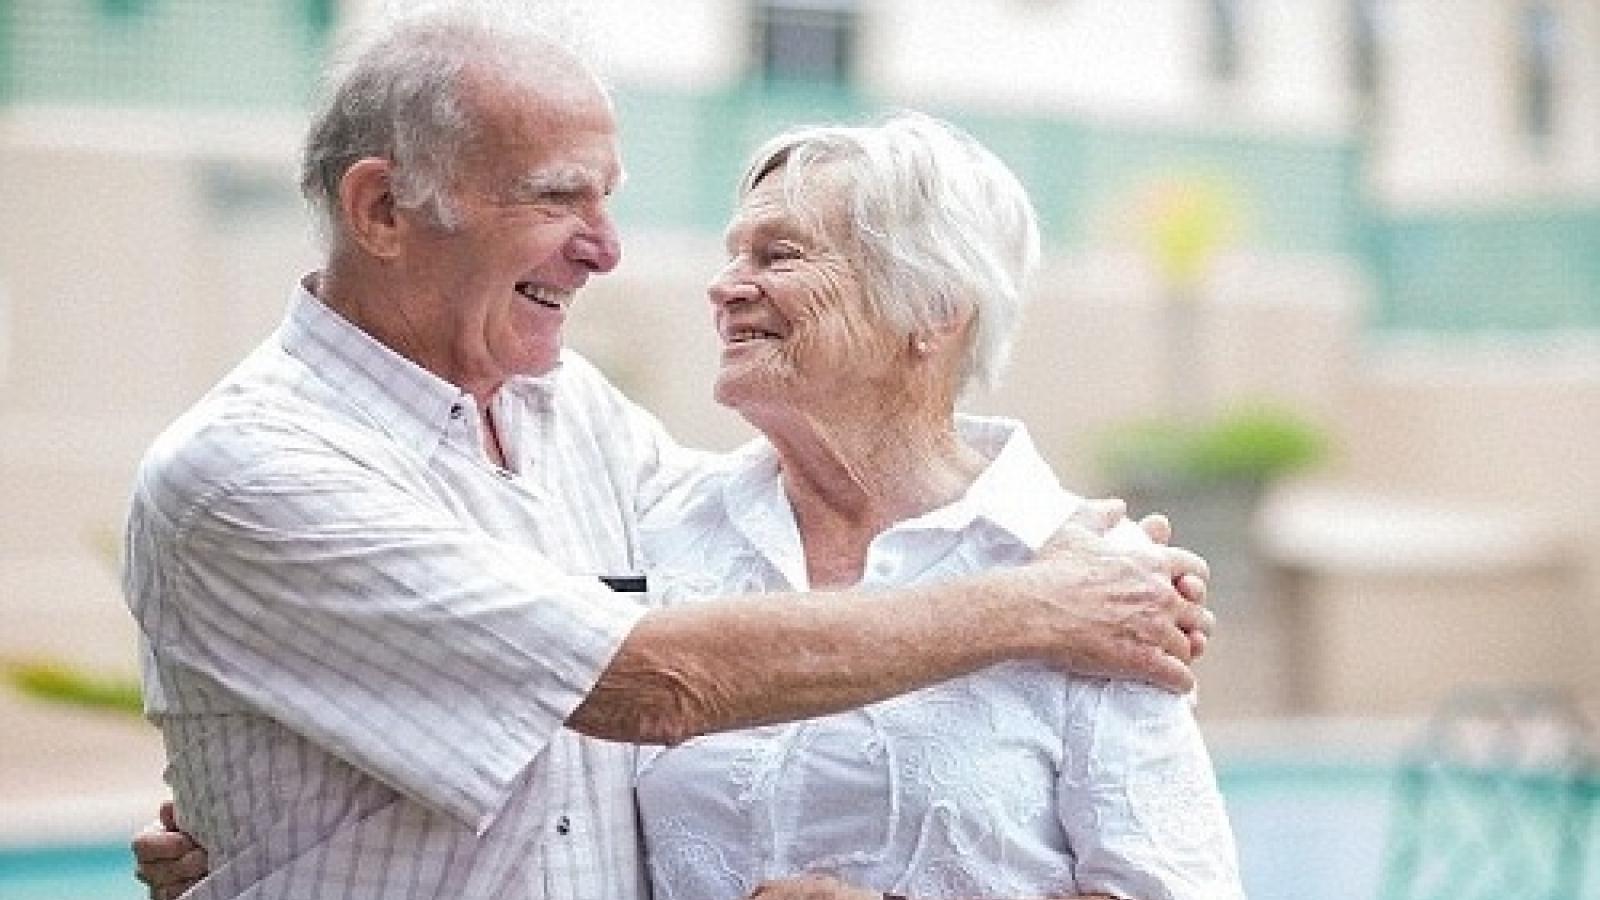 Bí quyết sống lâu 100 tuổi của những người lớn tuổi trên thế giới